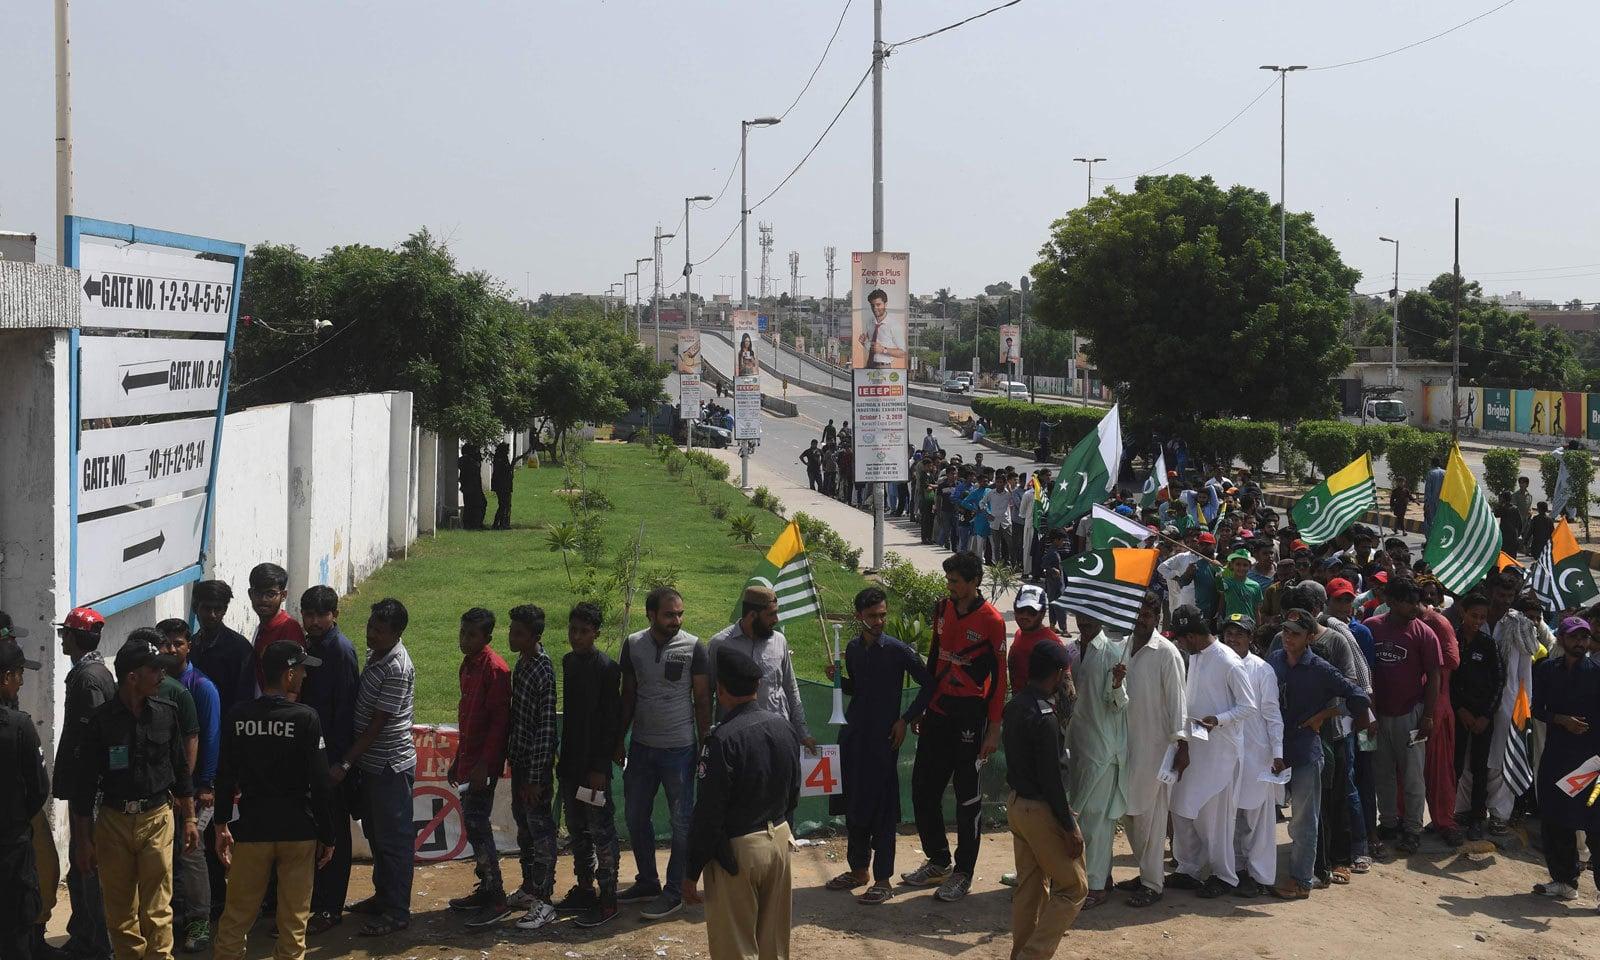 اسٹیڈیم میں آںے کے لیے شائقین کرکٹ قطاریں لگا کر کھڑے ہیں— فوٹو: اے ایف پی